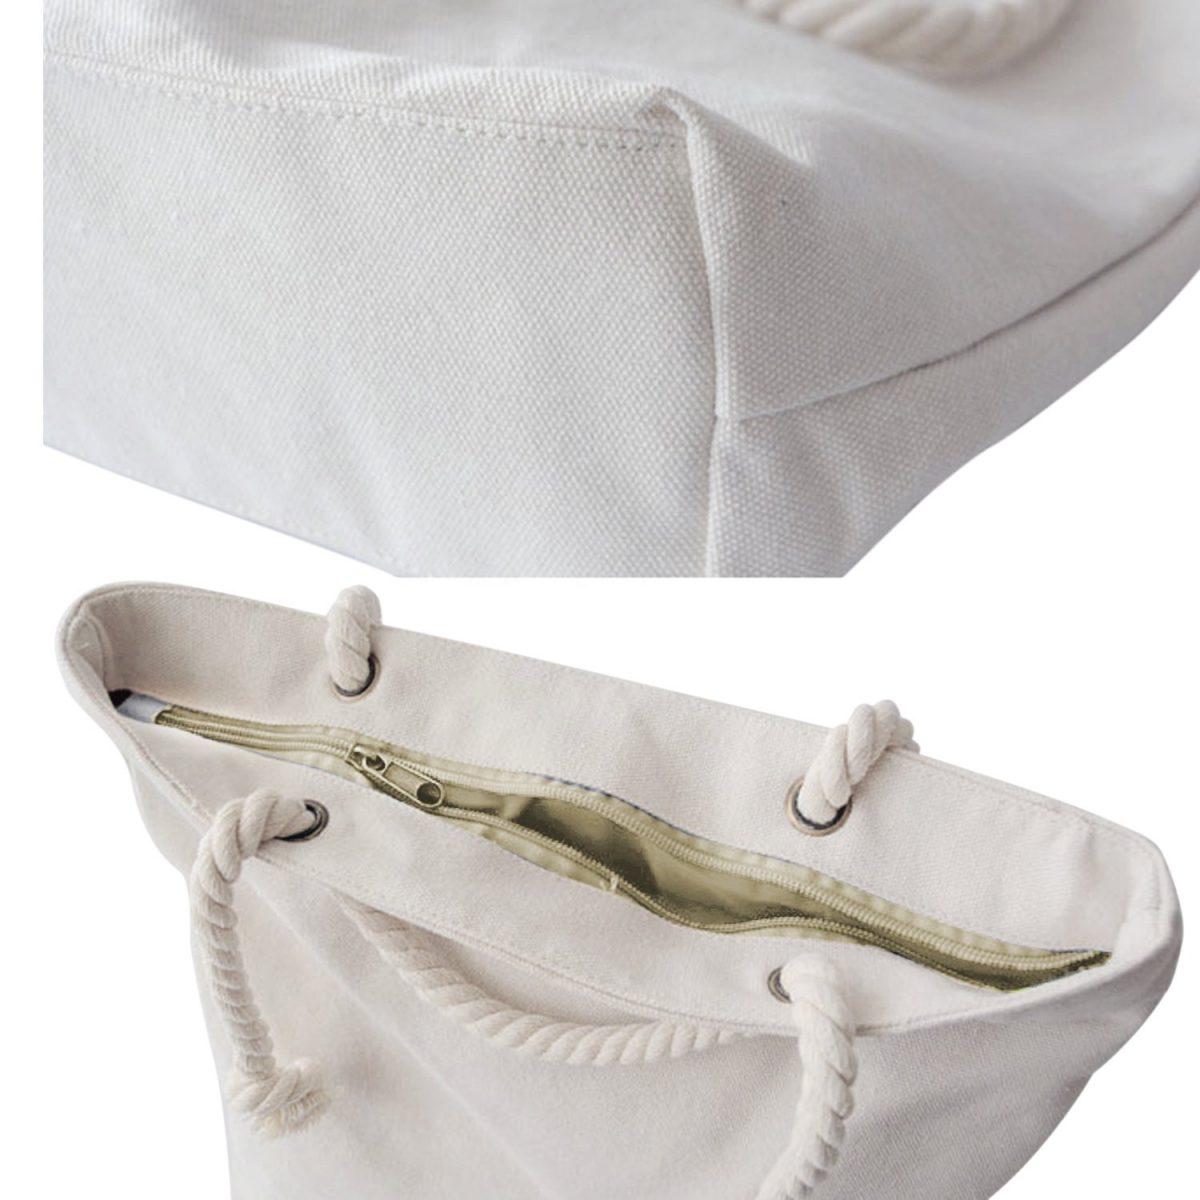 Pembe Çizgili Altın Puanlı Özel Tasarımlı Fermuarlı Kumaş Çanta Realhomes